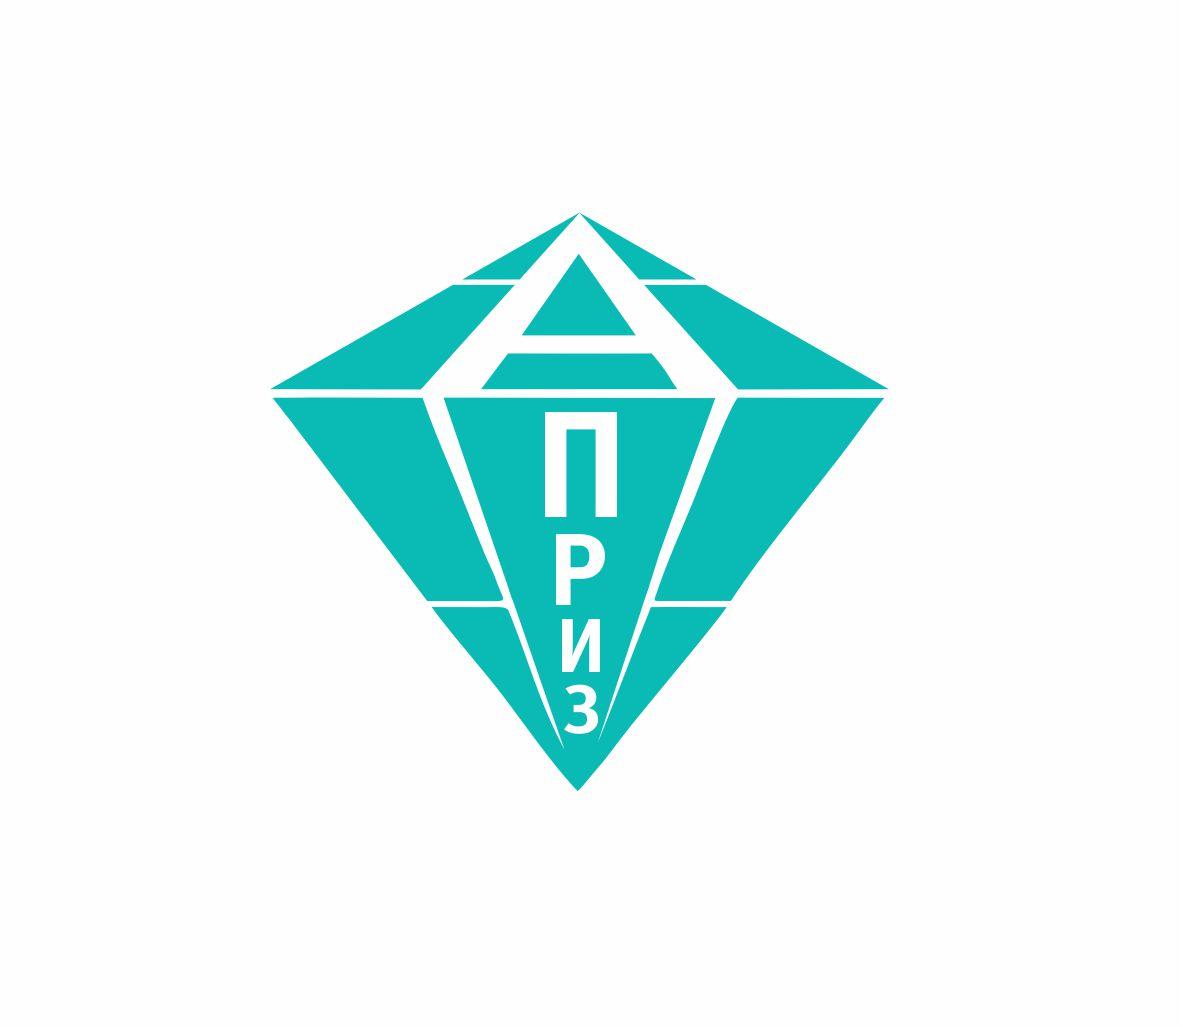 Разработка названия и логотипа для сети ювелирных салонов фото f_4695a0b9a219271a.jpg